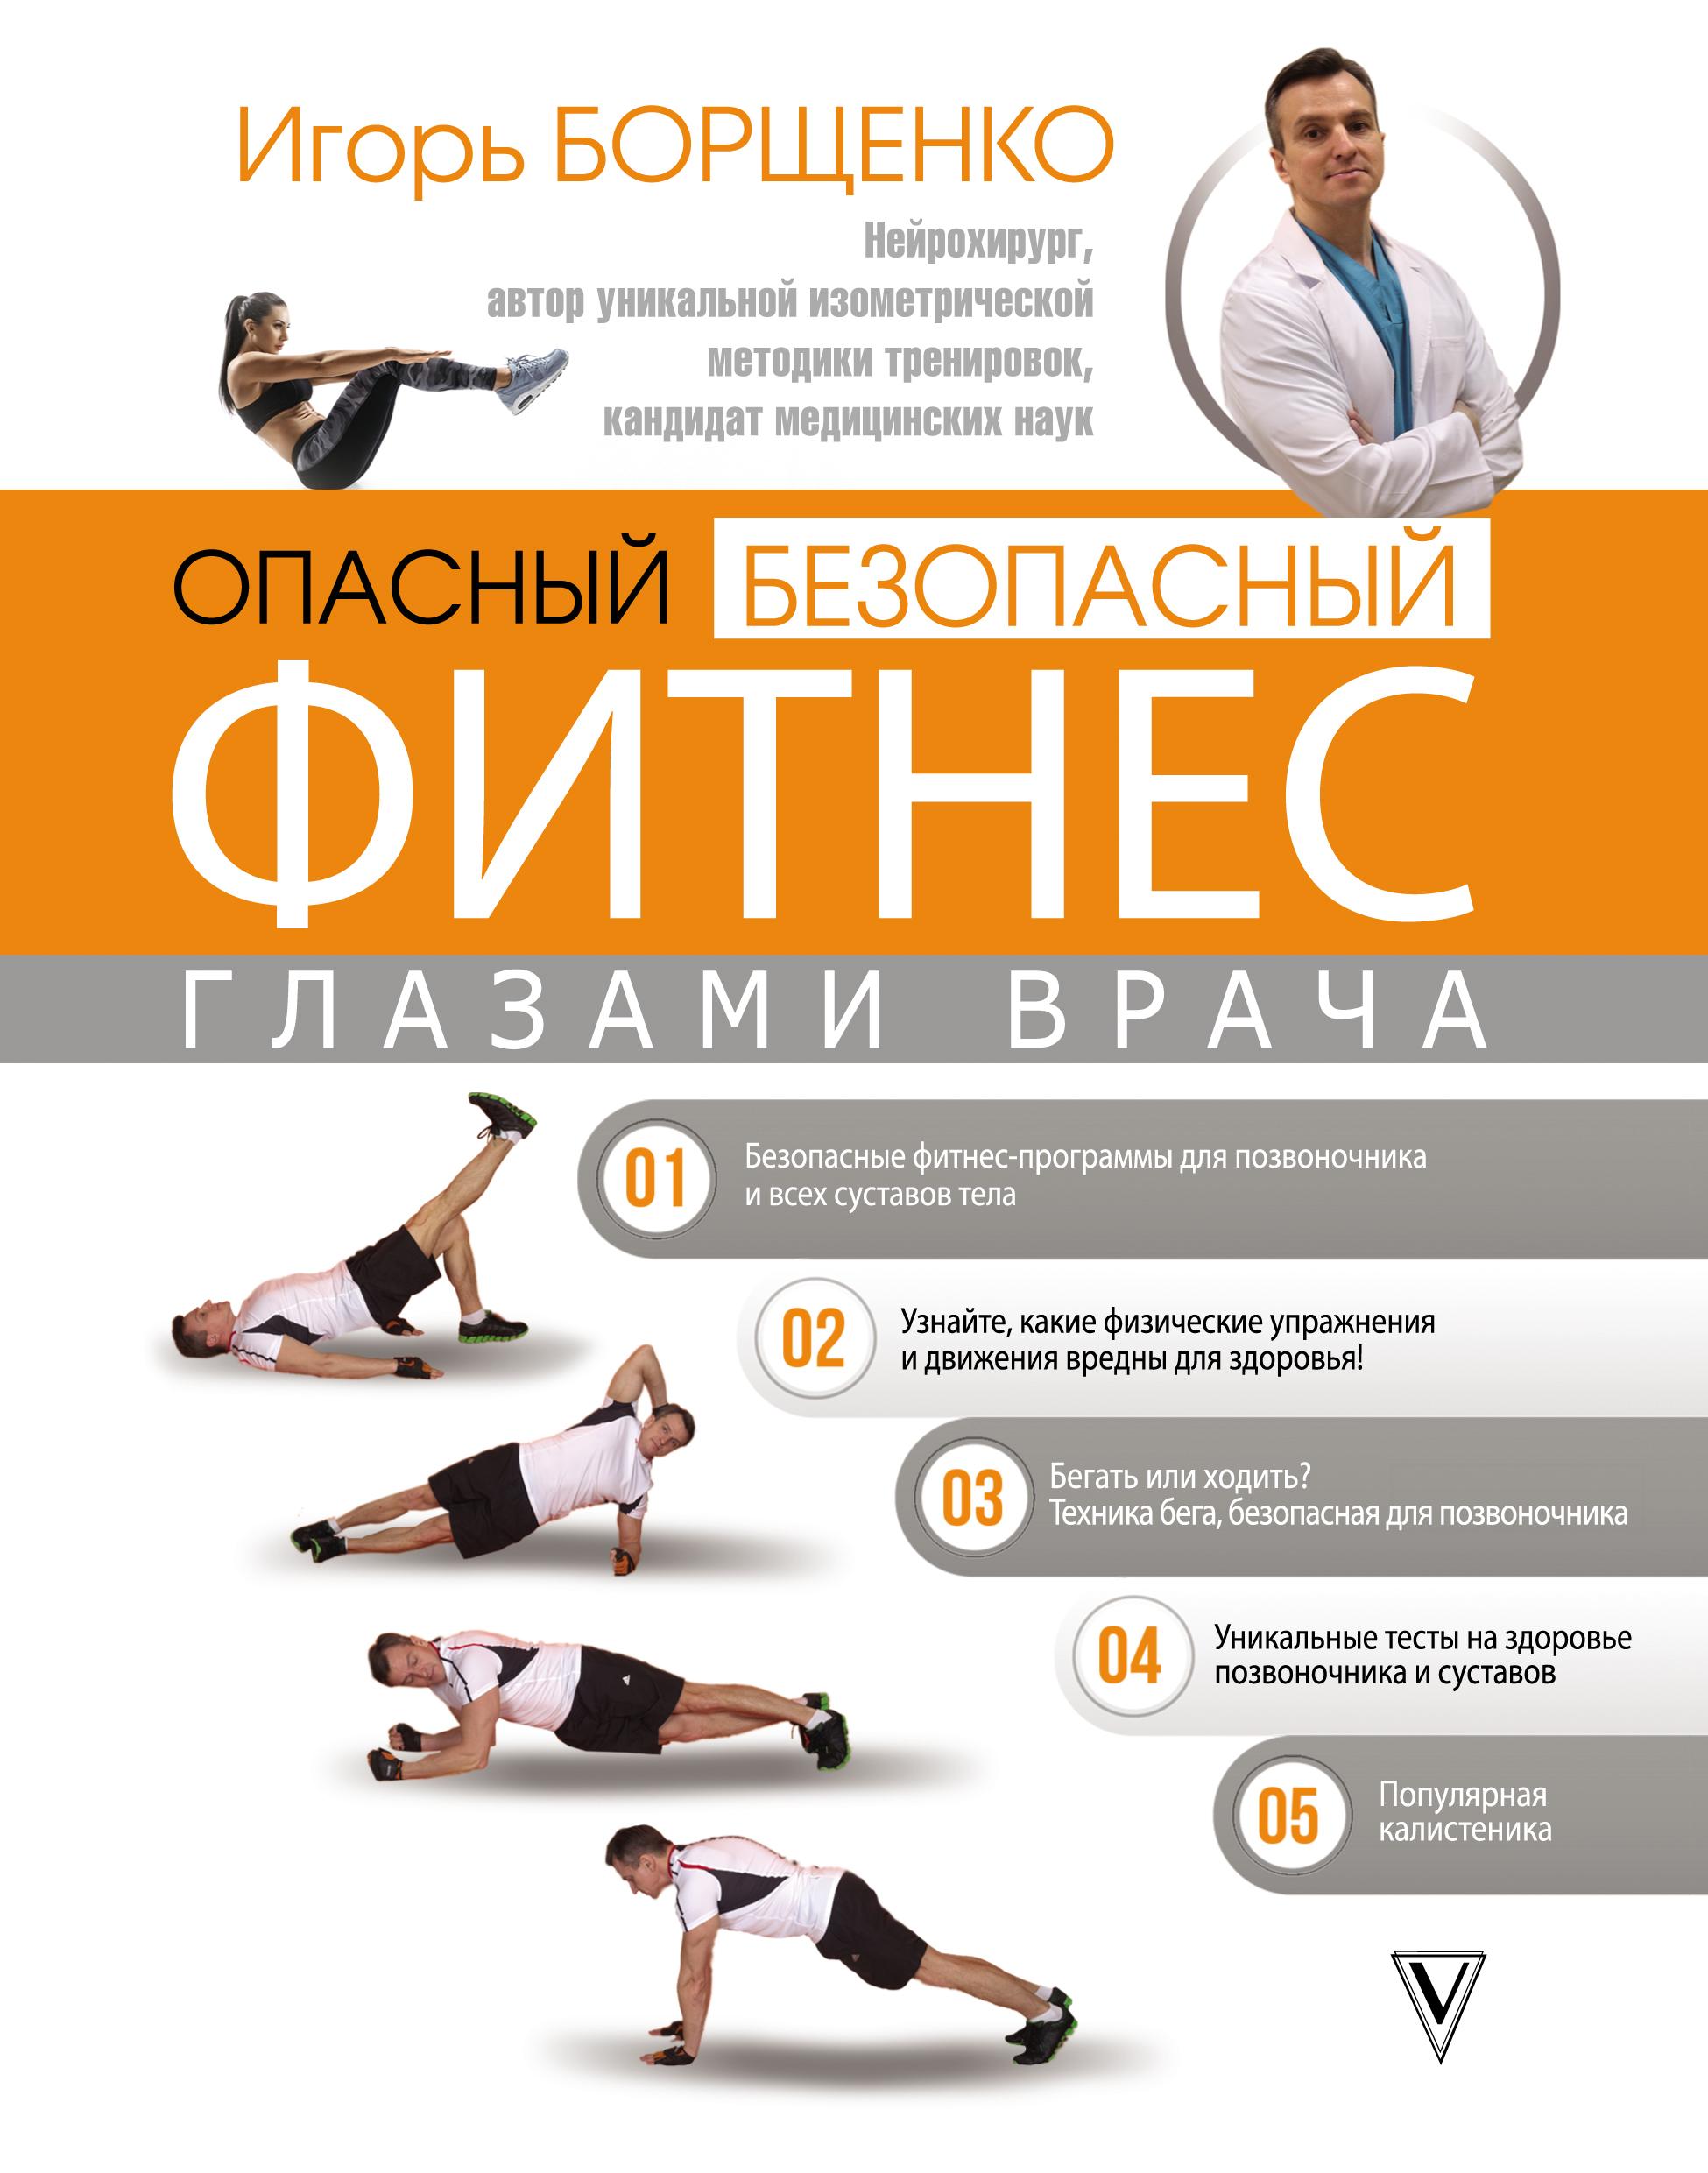 Игорь Борщенко Опасный / безопасный фитнес глазами врача тренажеры